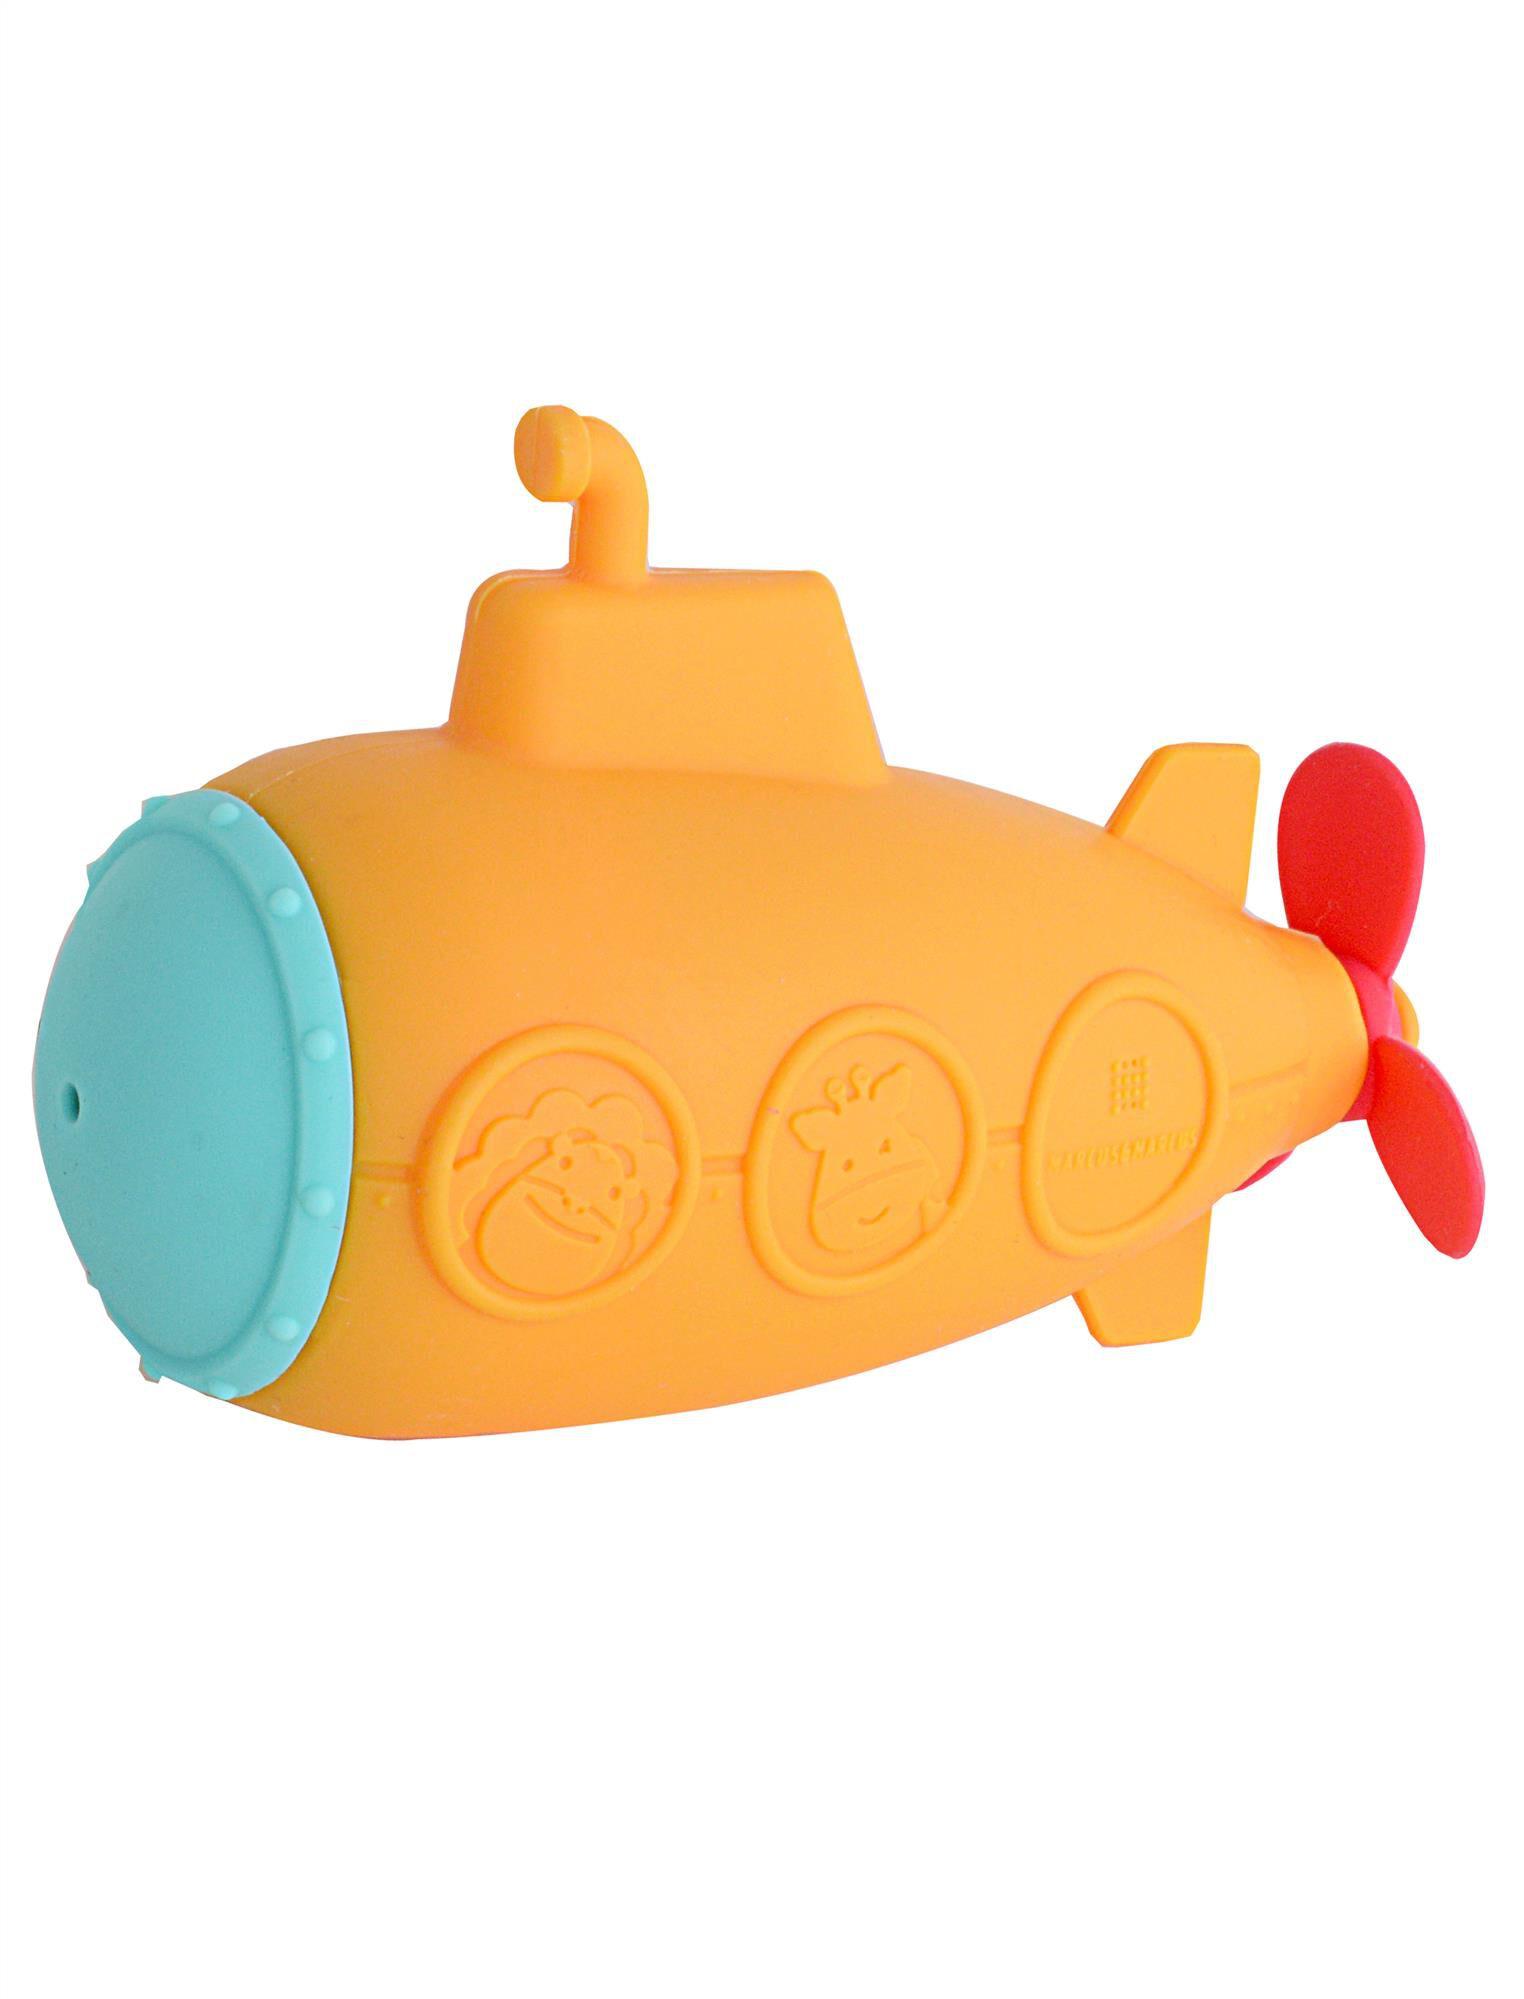 Marcus & Marcus Silicone Submarine Bath Toy